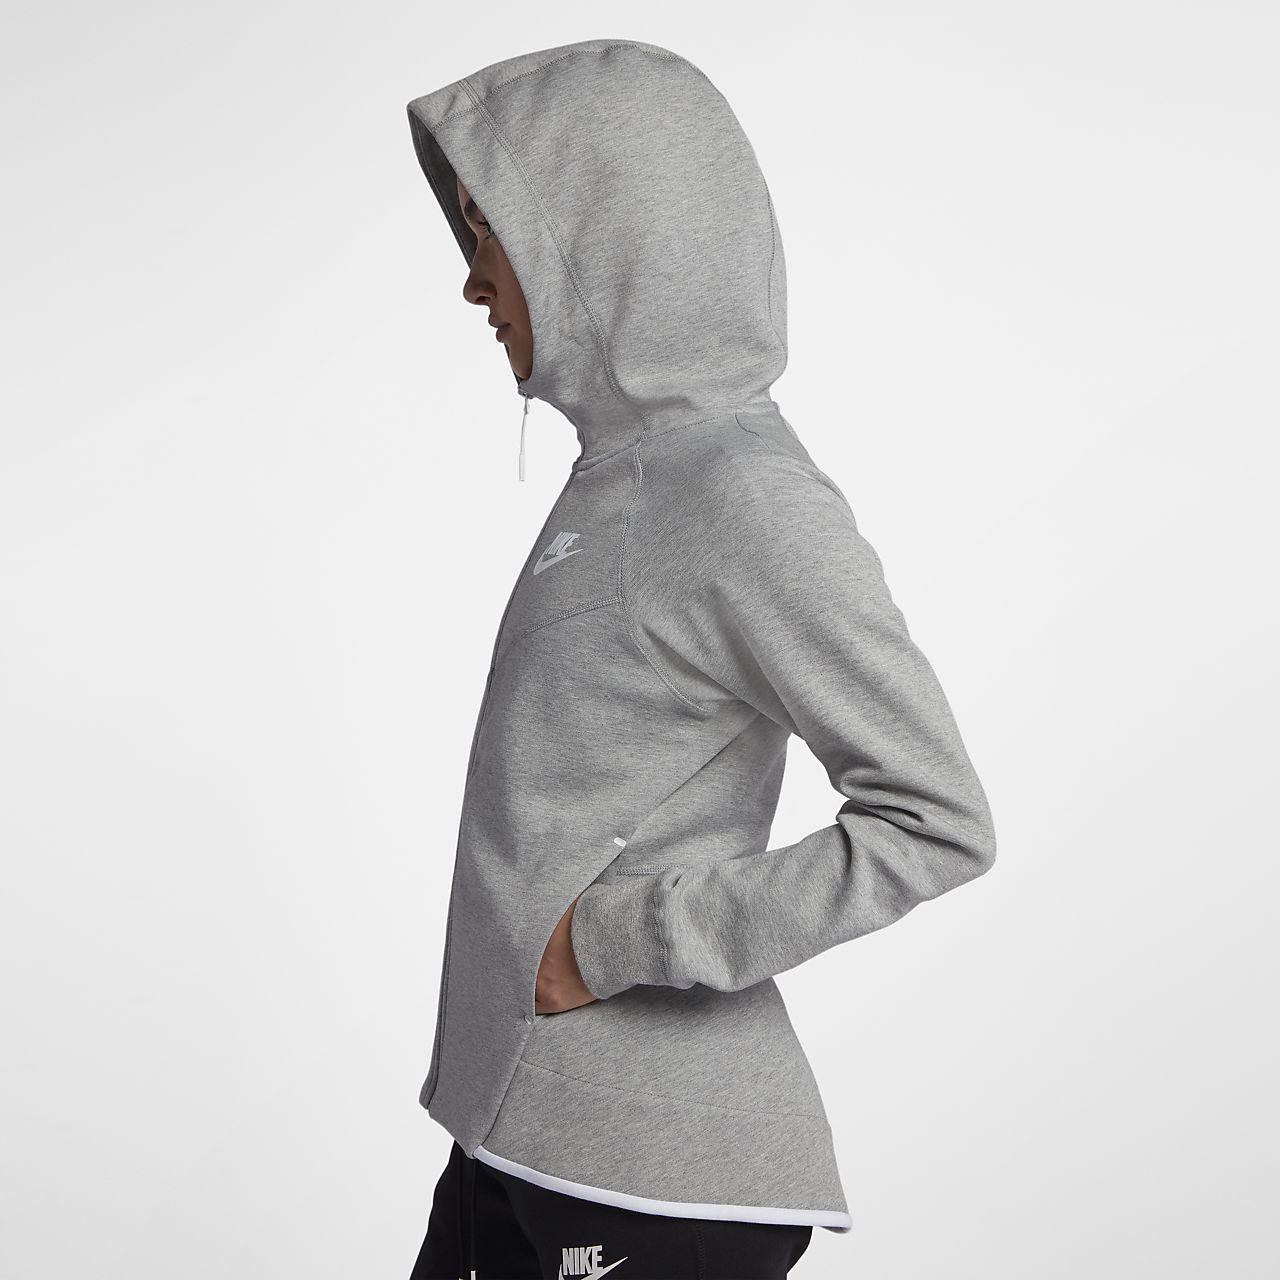 de7b4bbb8 Nike Sportswear Tech Fleece Windrunner Women's Full-Zip Hoodie. Nike ...